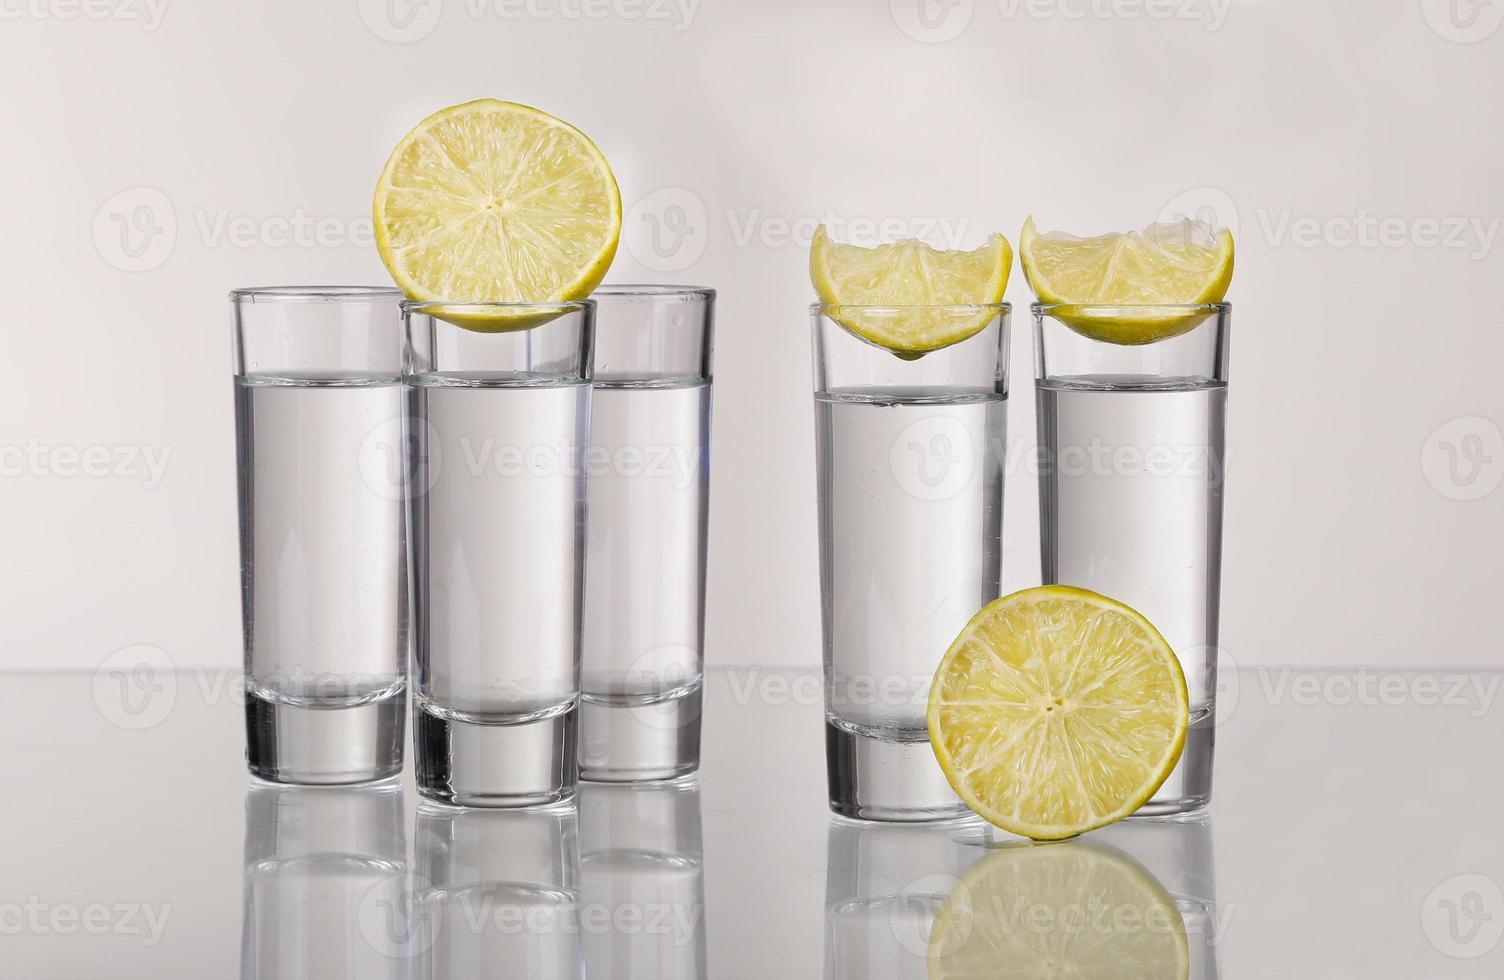 drei goldene Tequila-Schüsse mit Kalk lokalisiert auf weißem Hintergrund foto